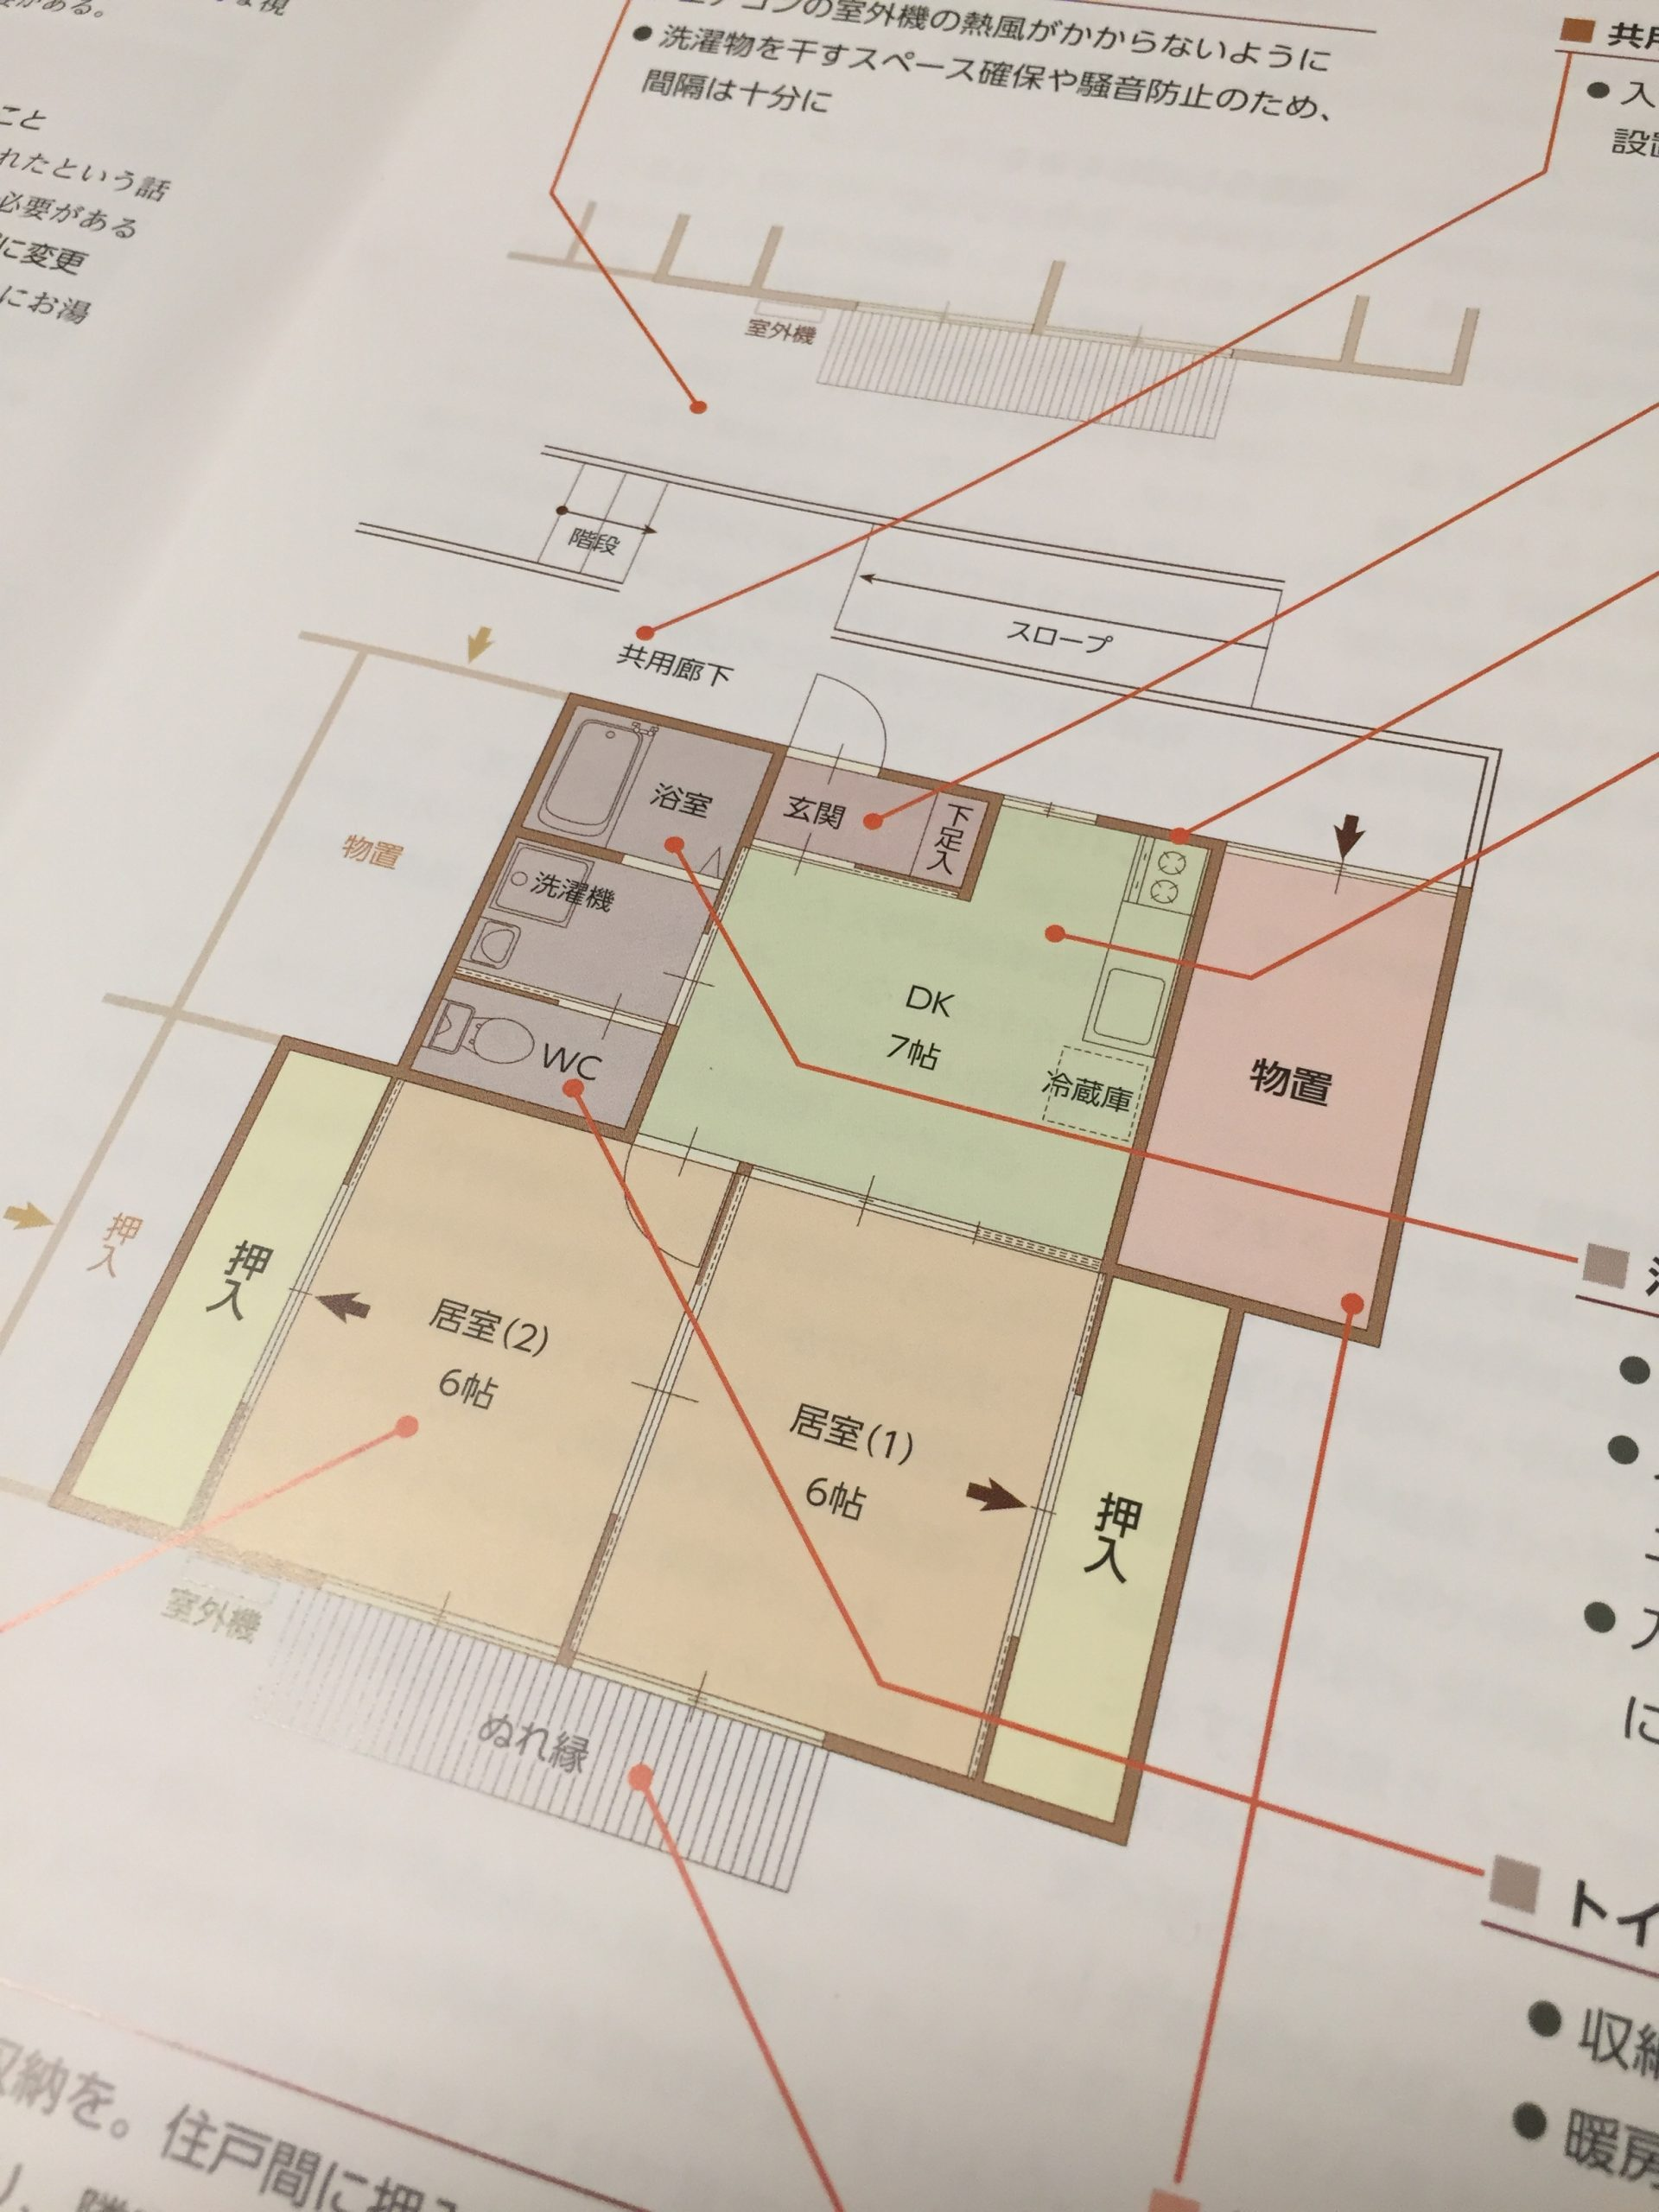 ユニバーサルデザイン仮設住宅モデル案